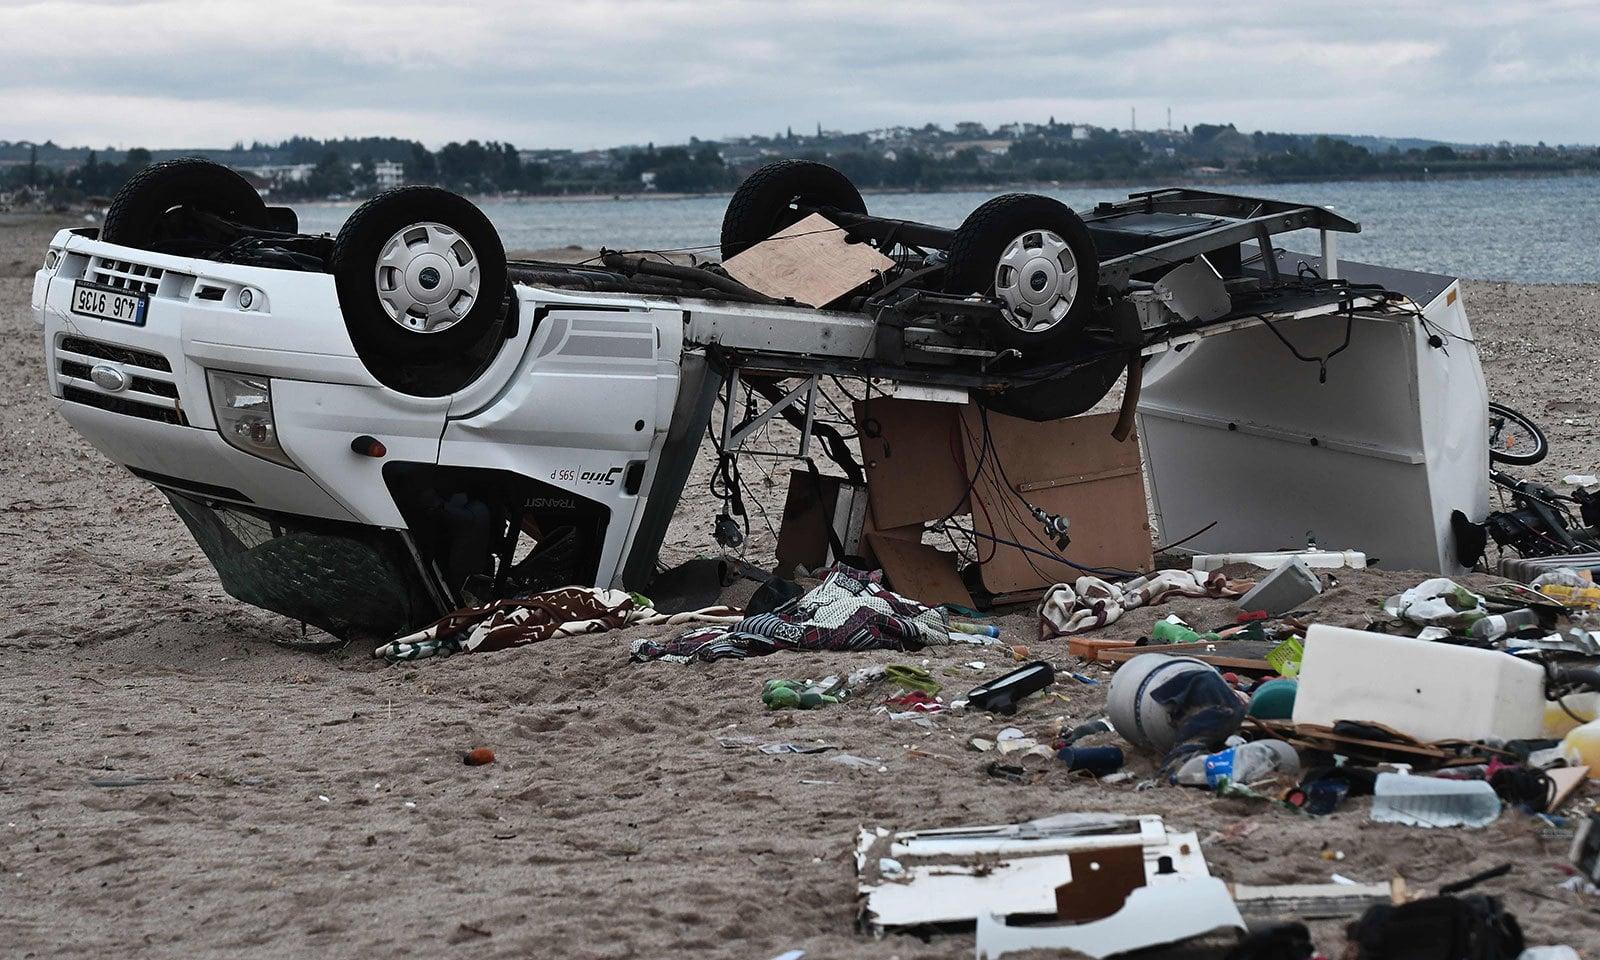 یونان میں طوفان سے گاڑیاں بھی تباہ ہوئیں — فوٹو: اے ایف پی